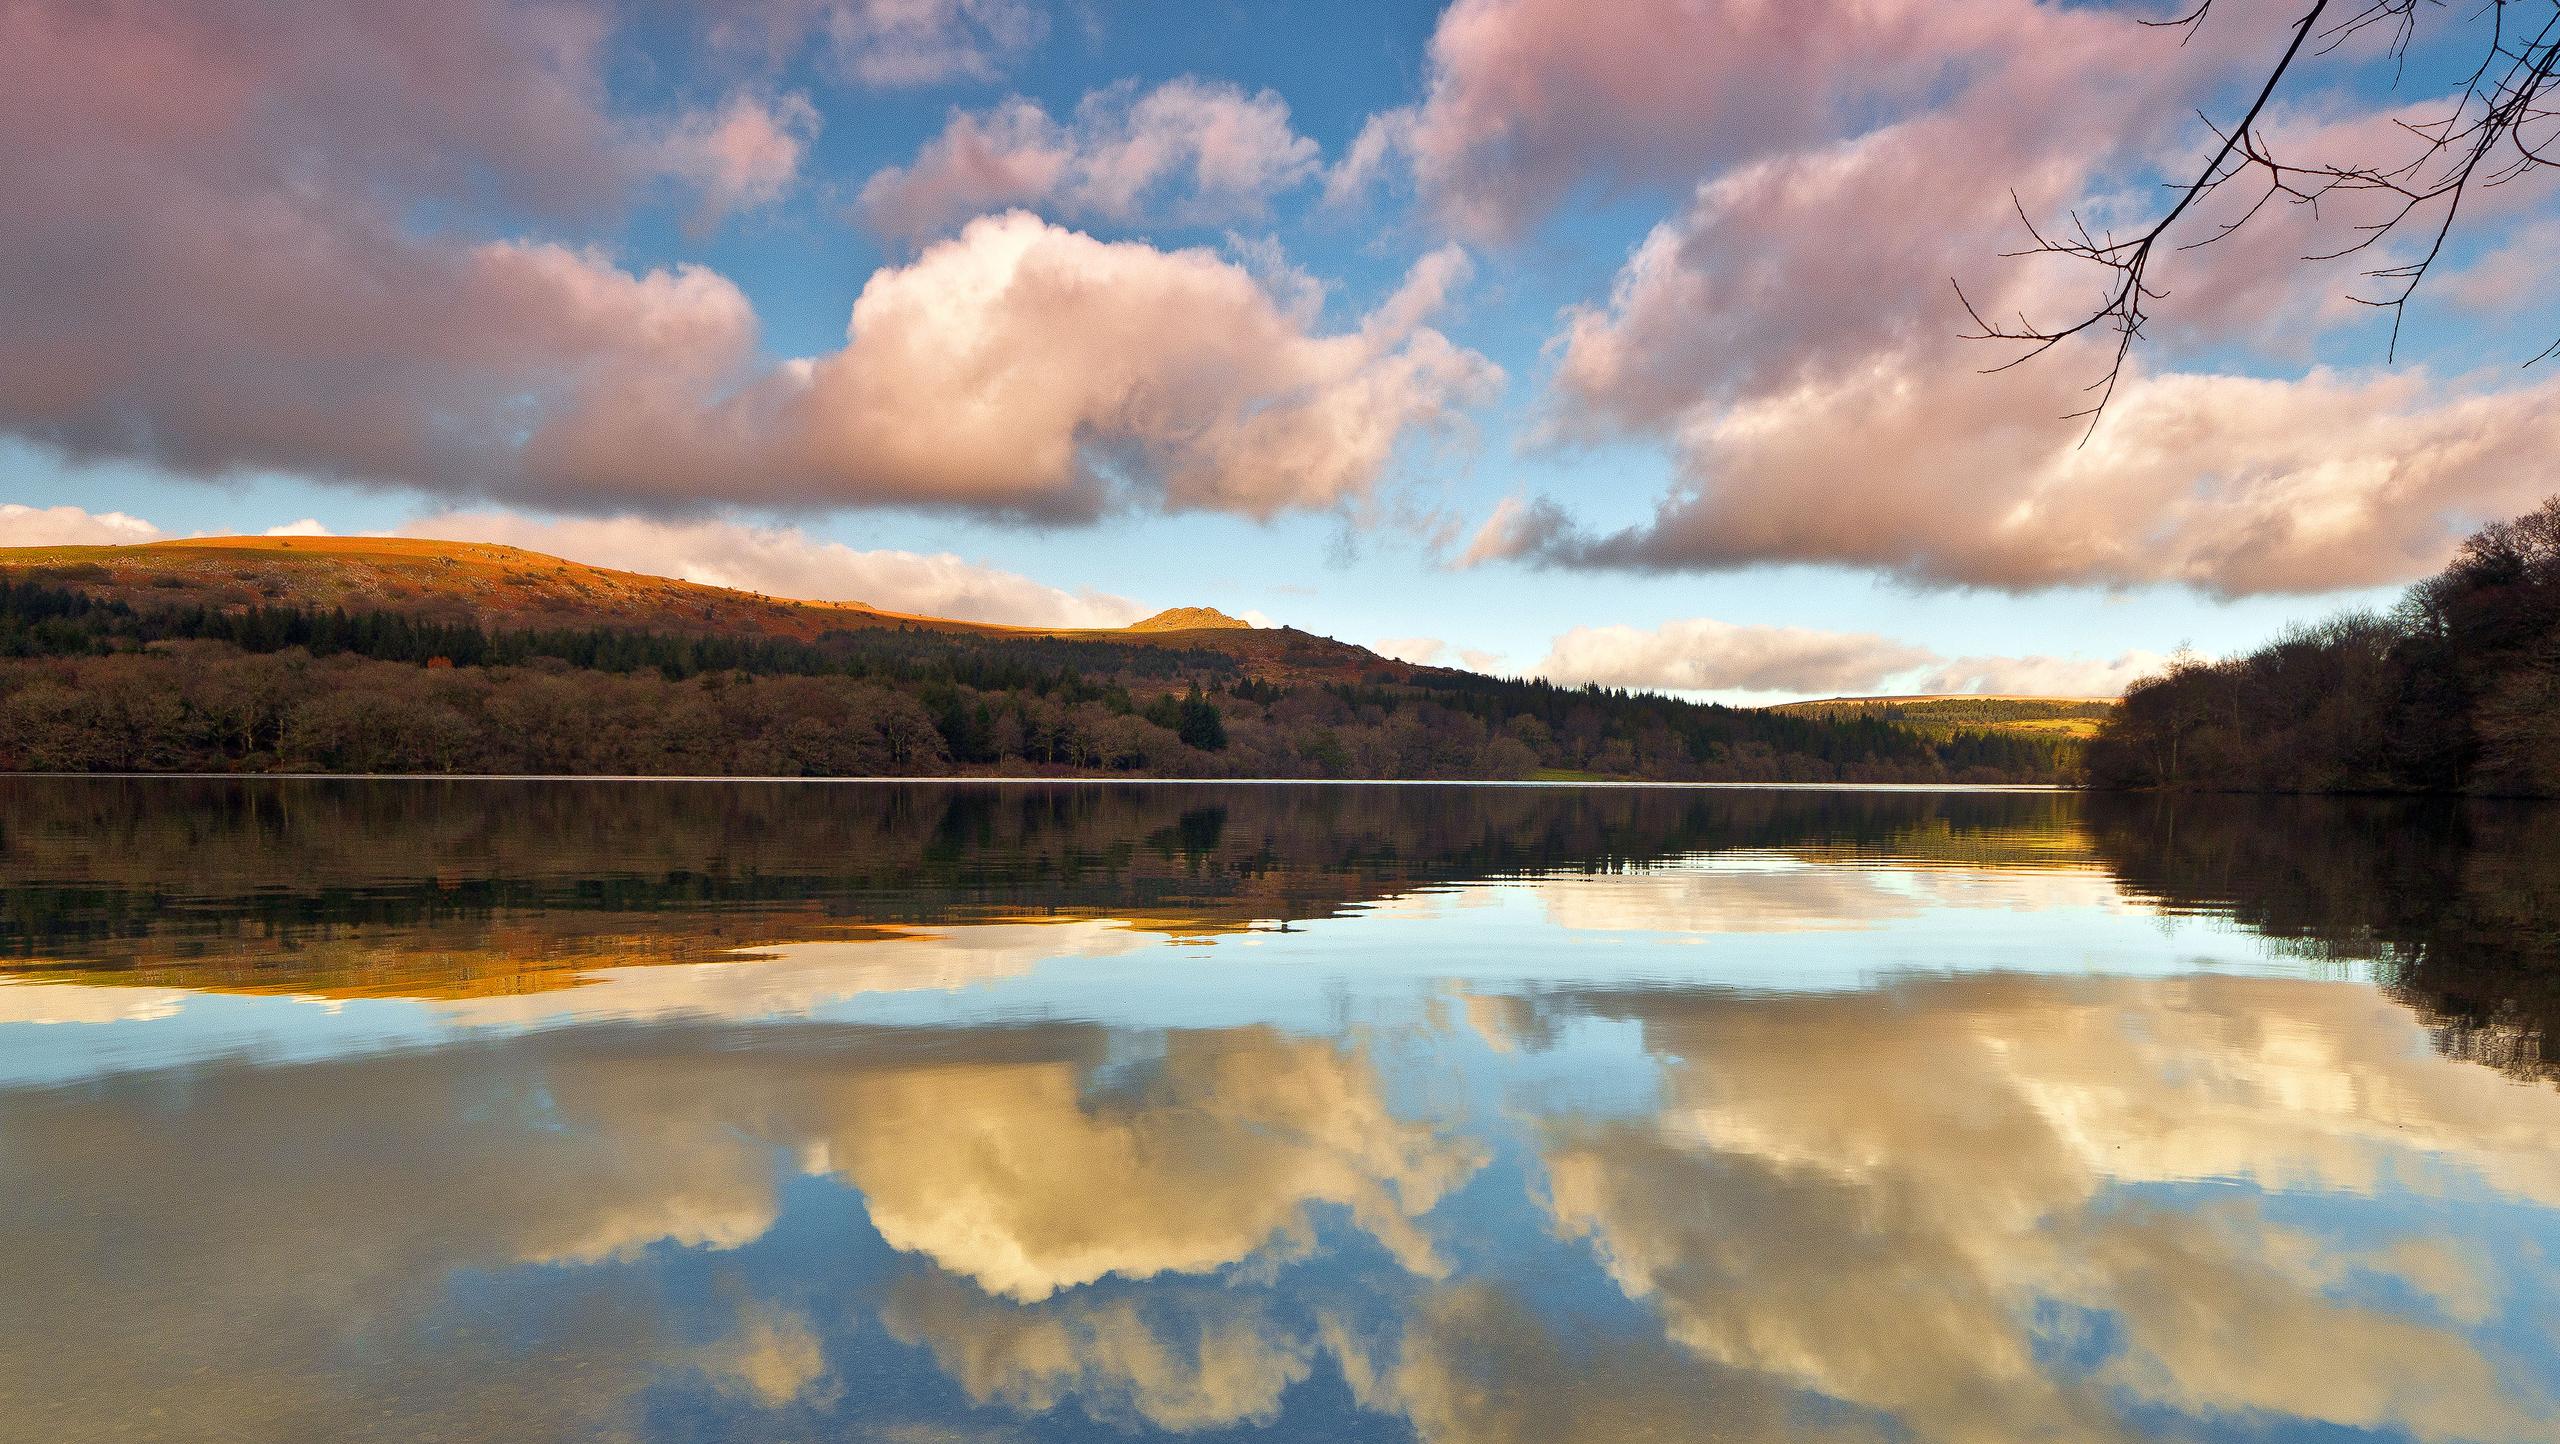 природа озеро отражение небо облака  № 1248319 загрузить